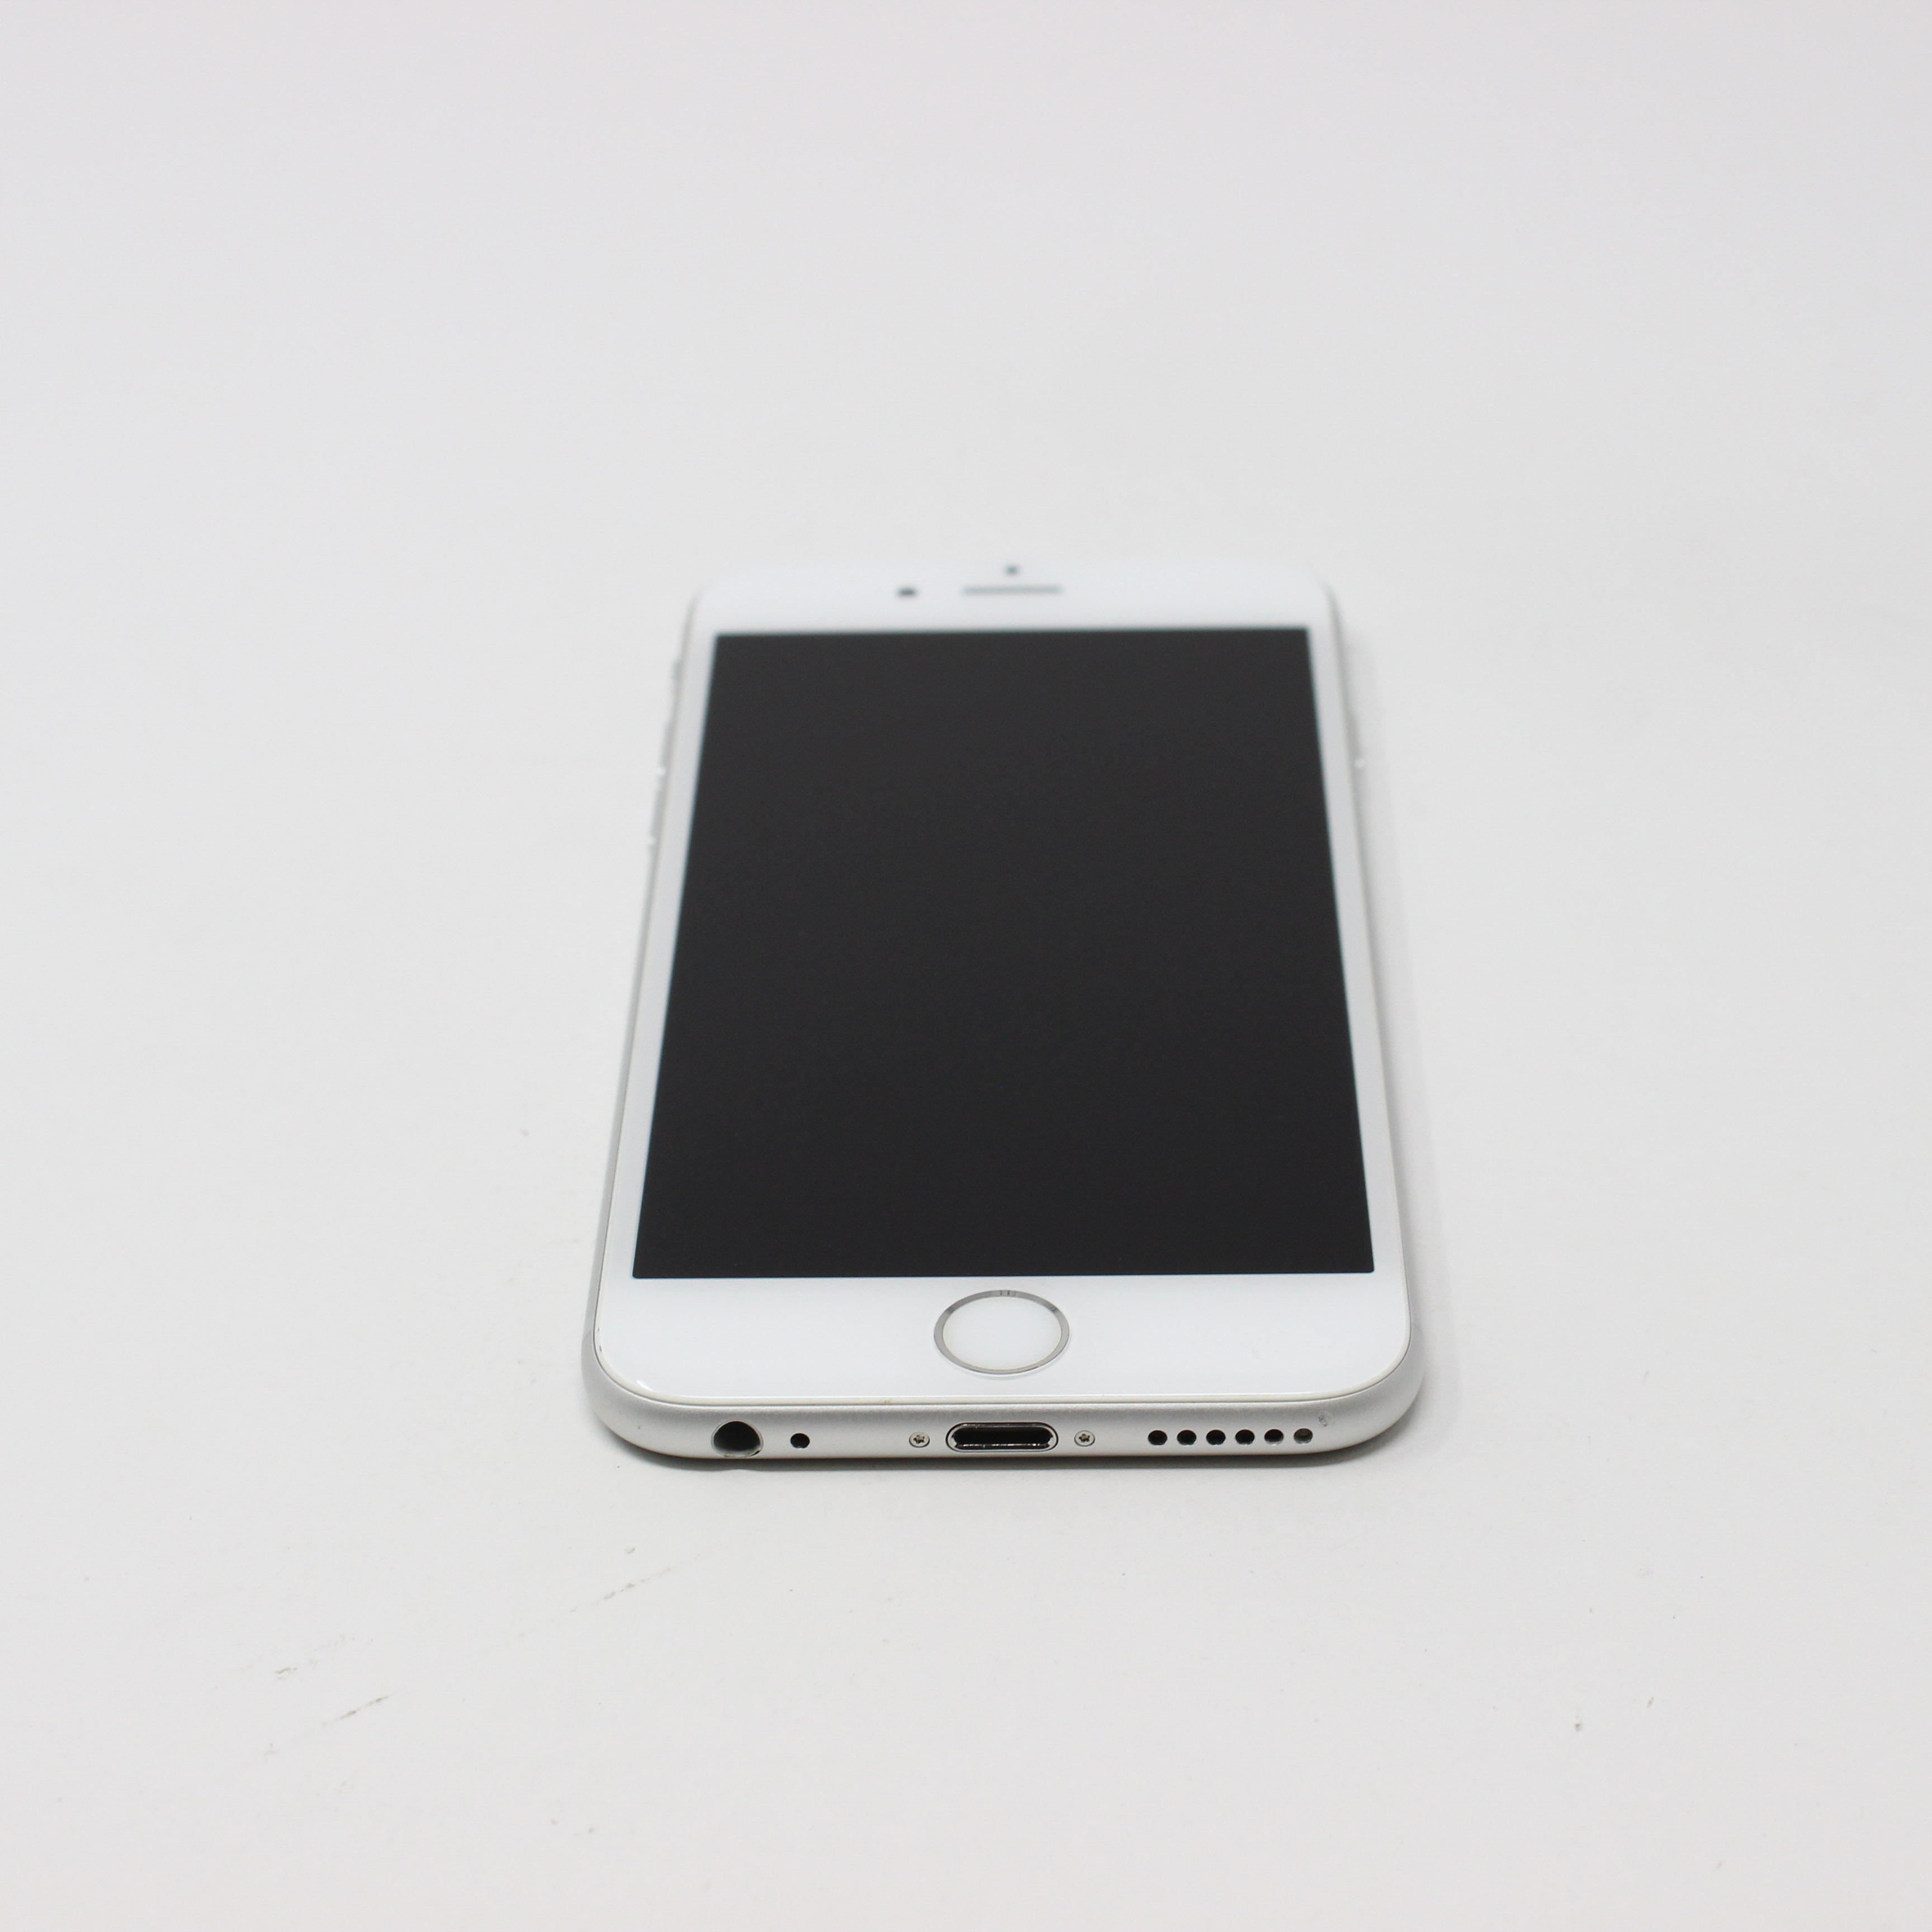 iPhone 6S 16GB Silver - AT&T photo 2   UpTradeit.com